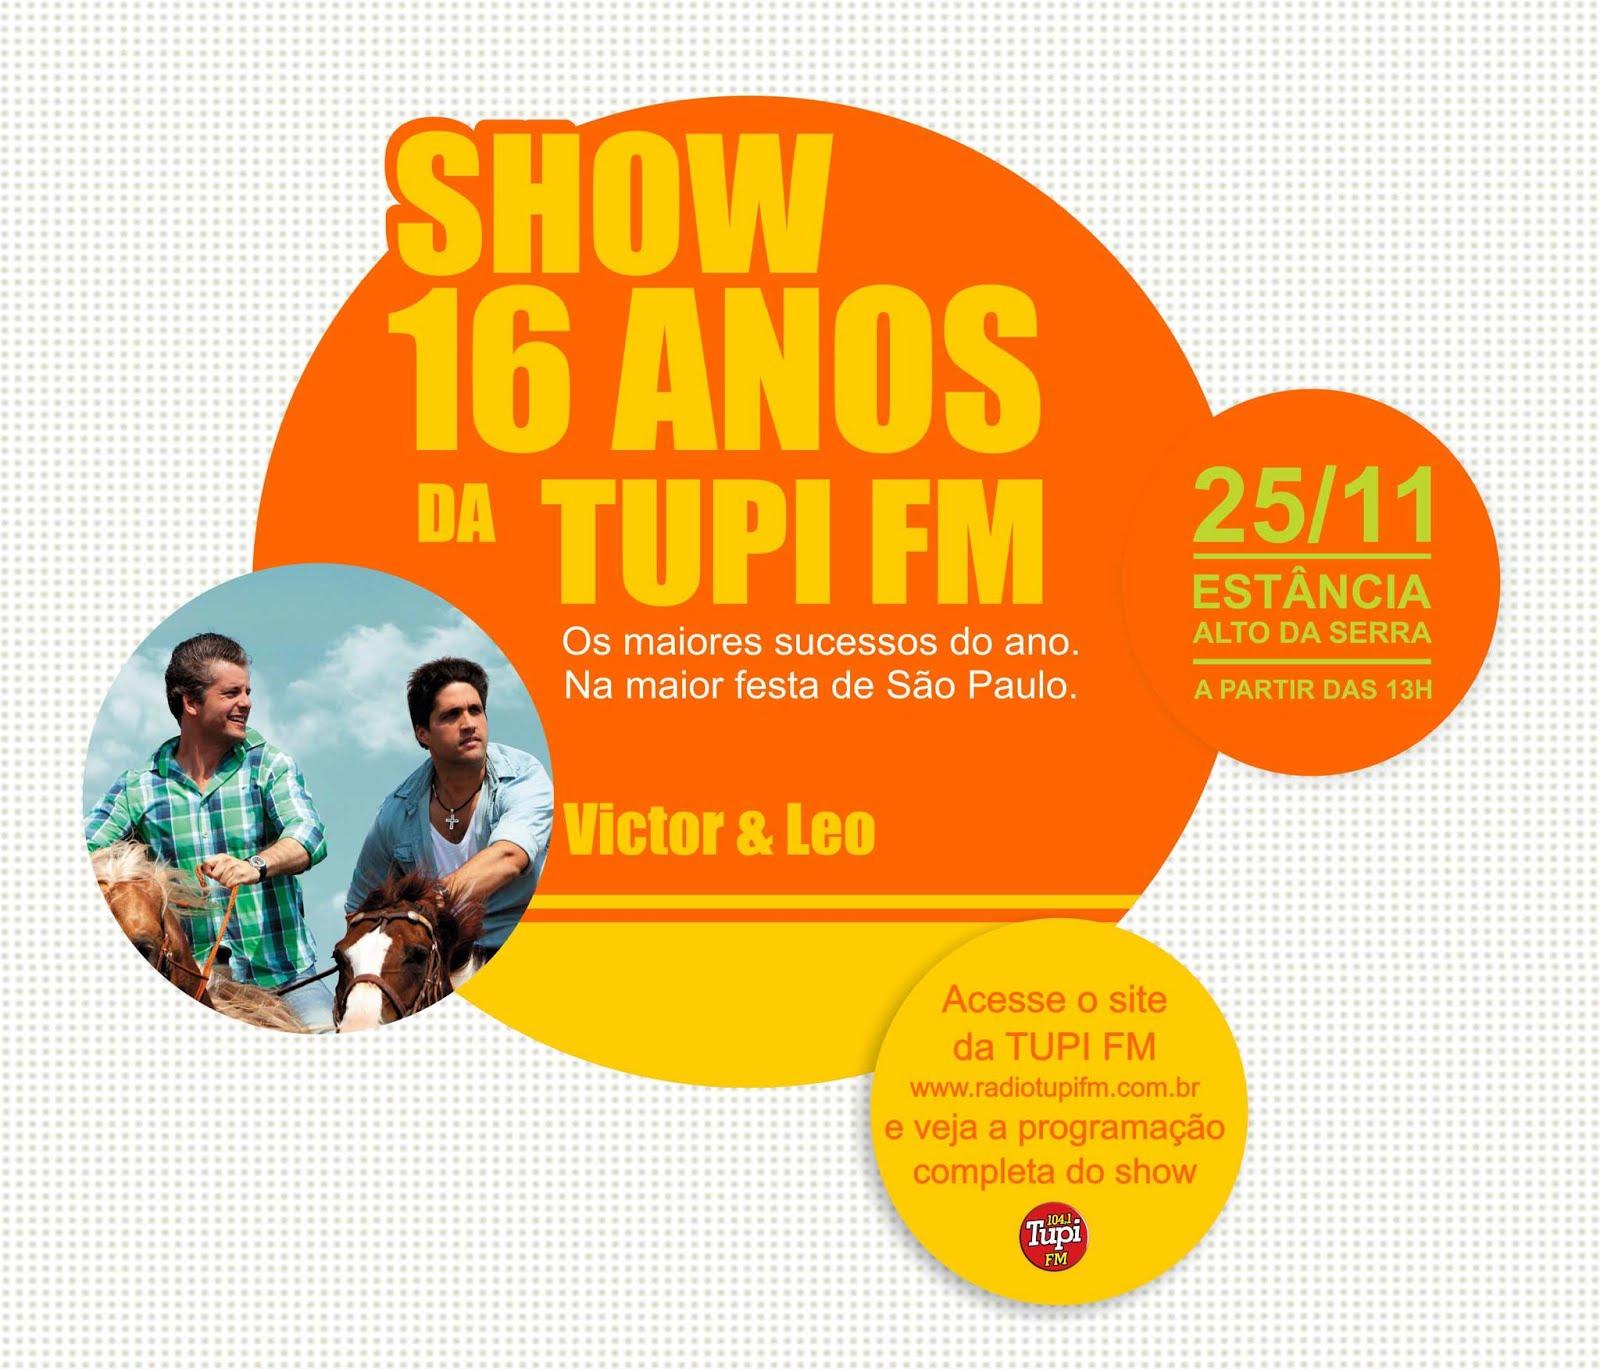 Blog Victor Chaves: Victor & Leo Estarão Hoje No Show De